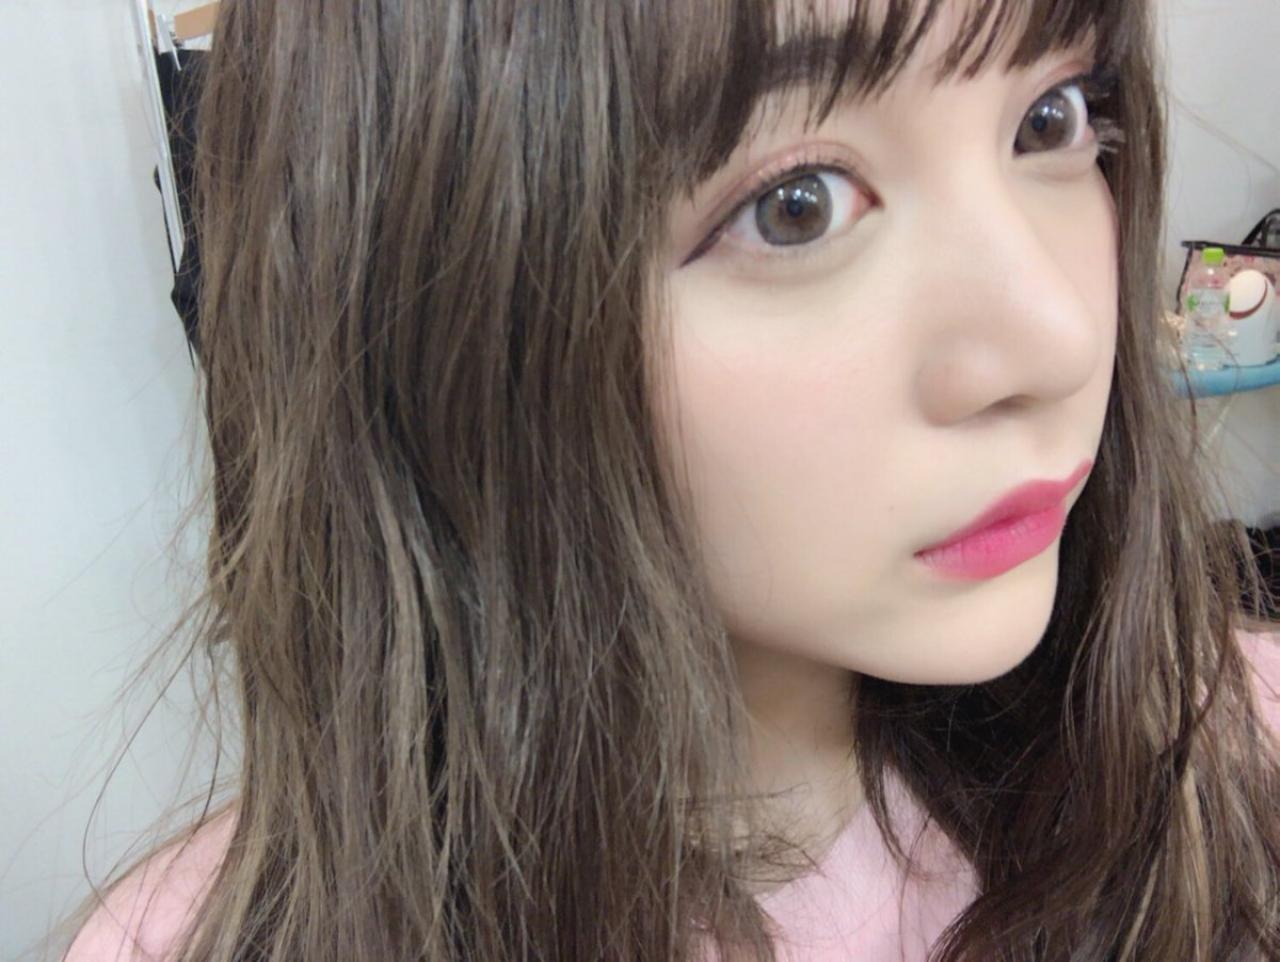 古川優香の画像 p1_38